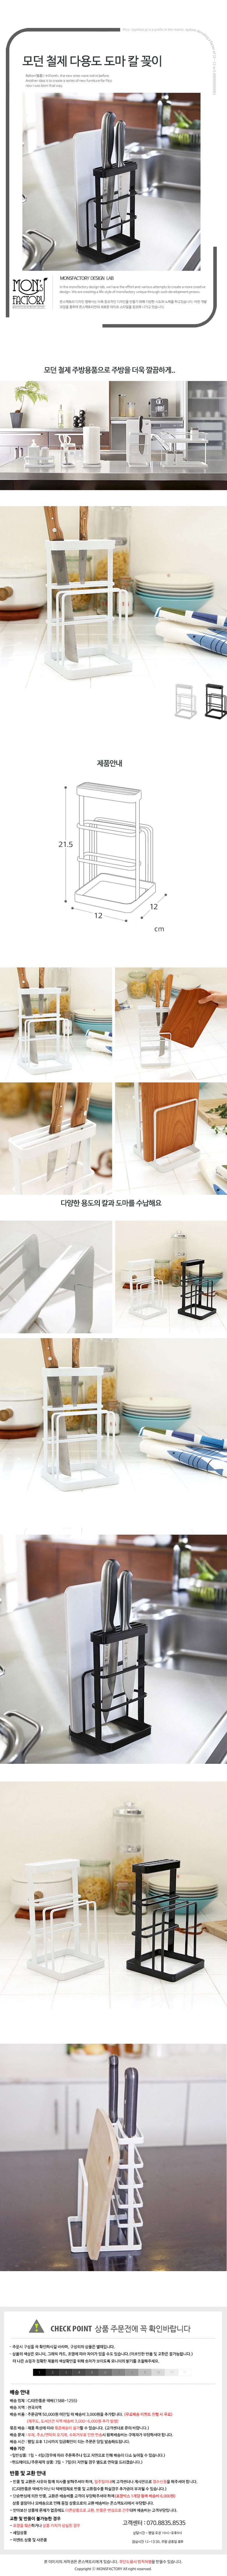 모던 디자인 철제 멀티 칼 도마꽂이 - 몬스팩토리, 9,500원, 주방정리용품, 주방다용도걸이